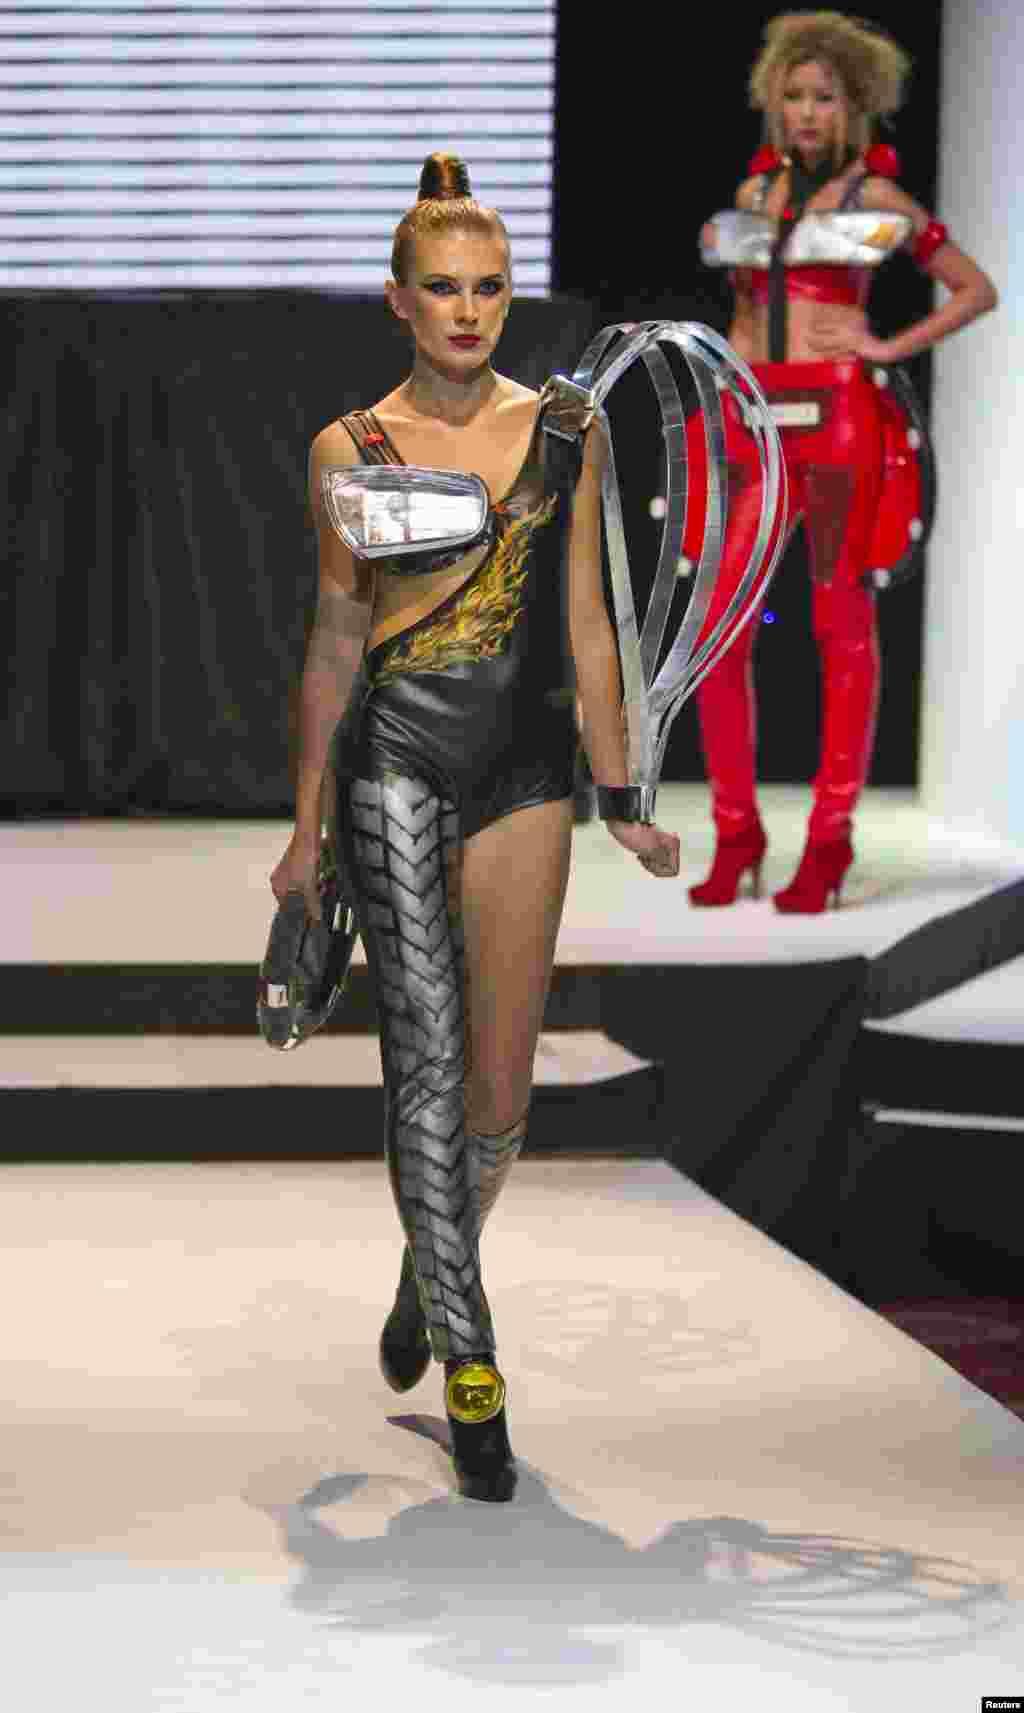 Anara Salykbayeva used the contest to showcase this daring creation.